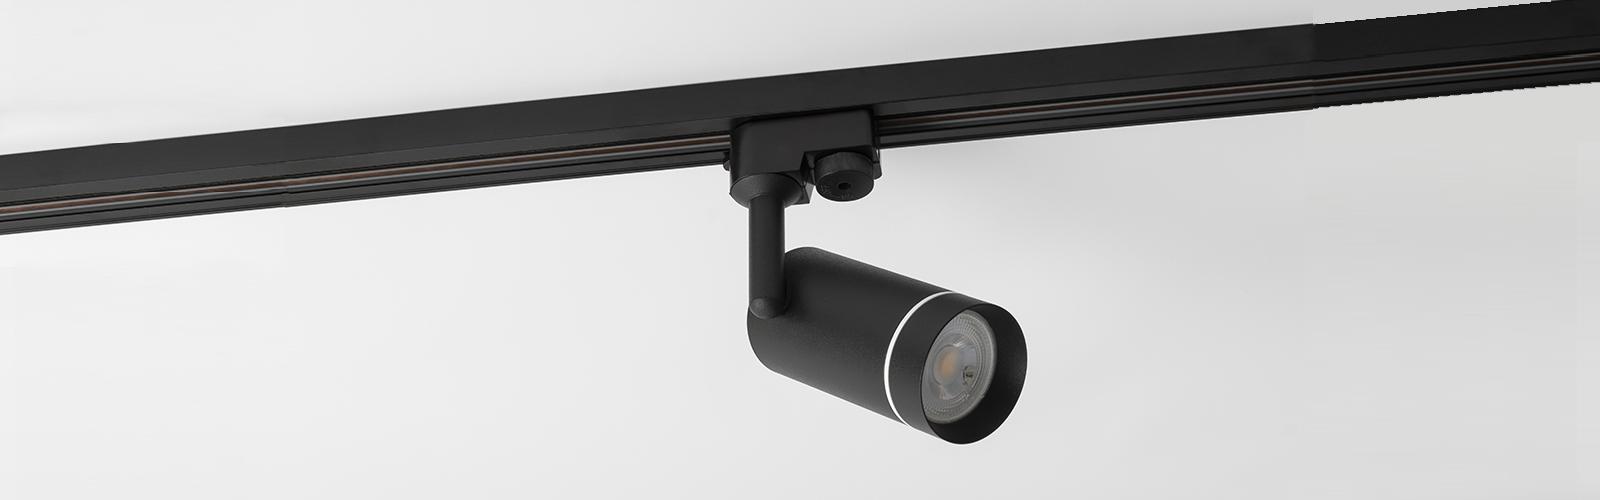 Fenos LED Lighting Track Light Aro Banner